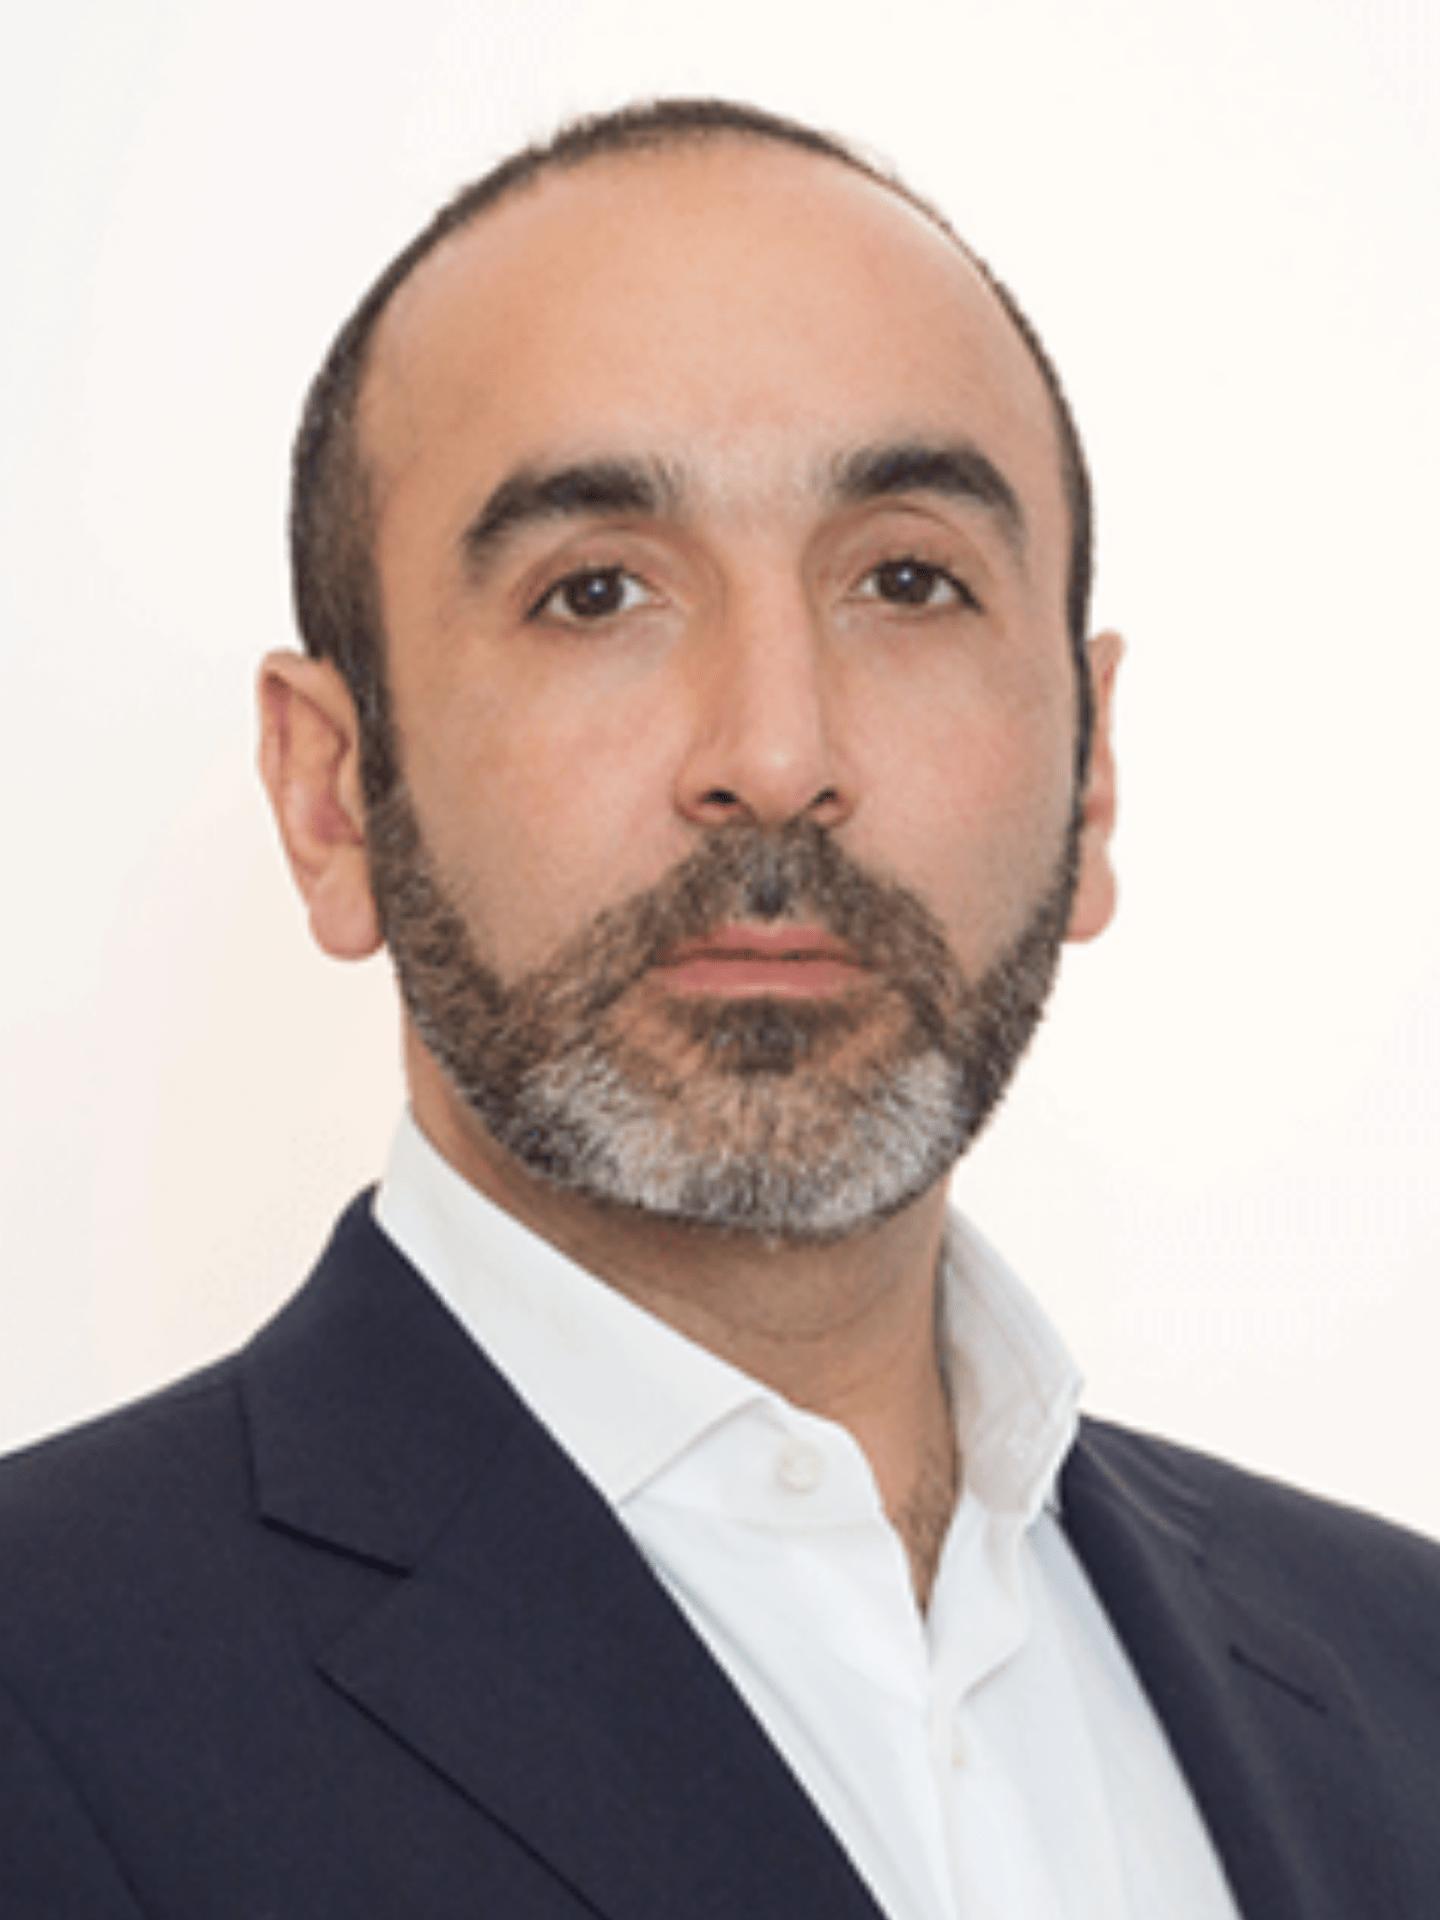 Mr. Hossein Fateh